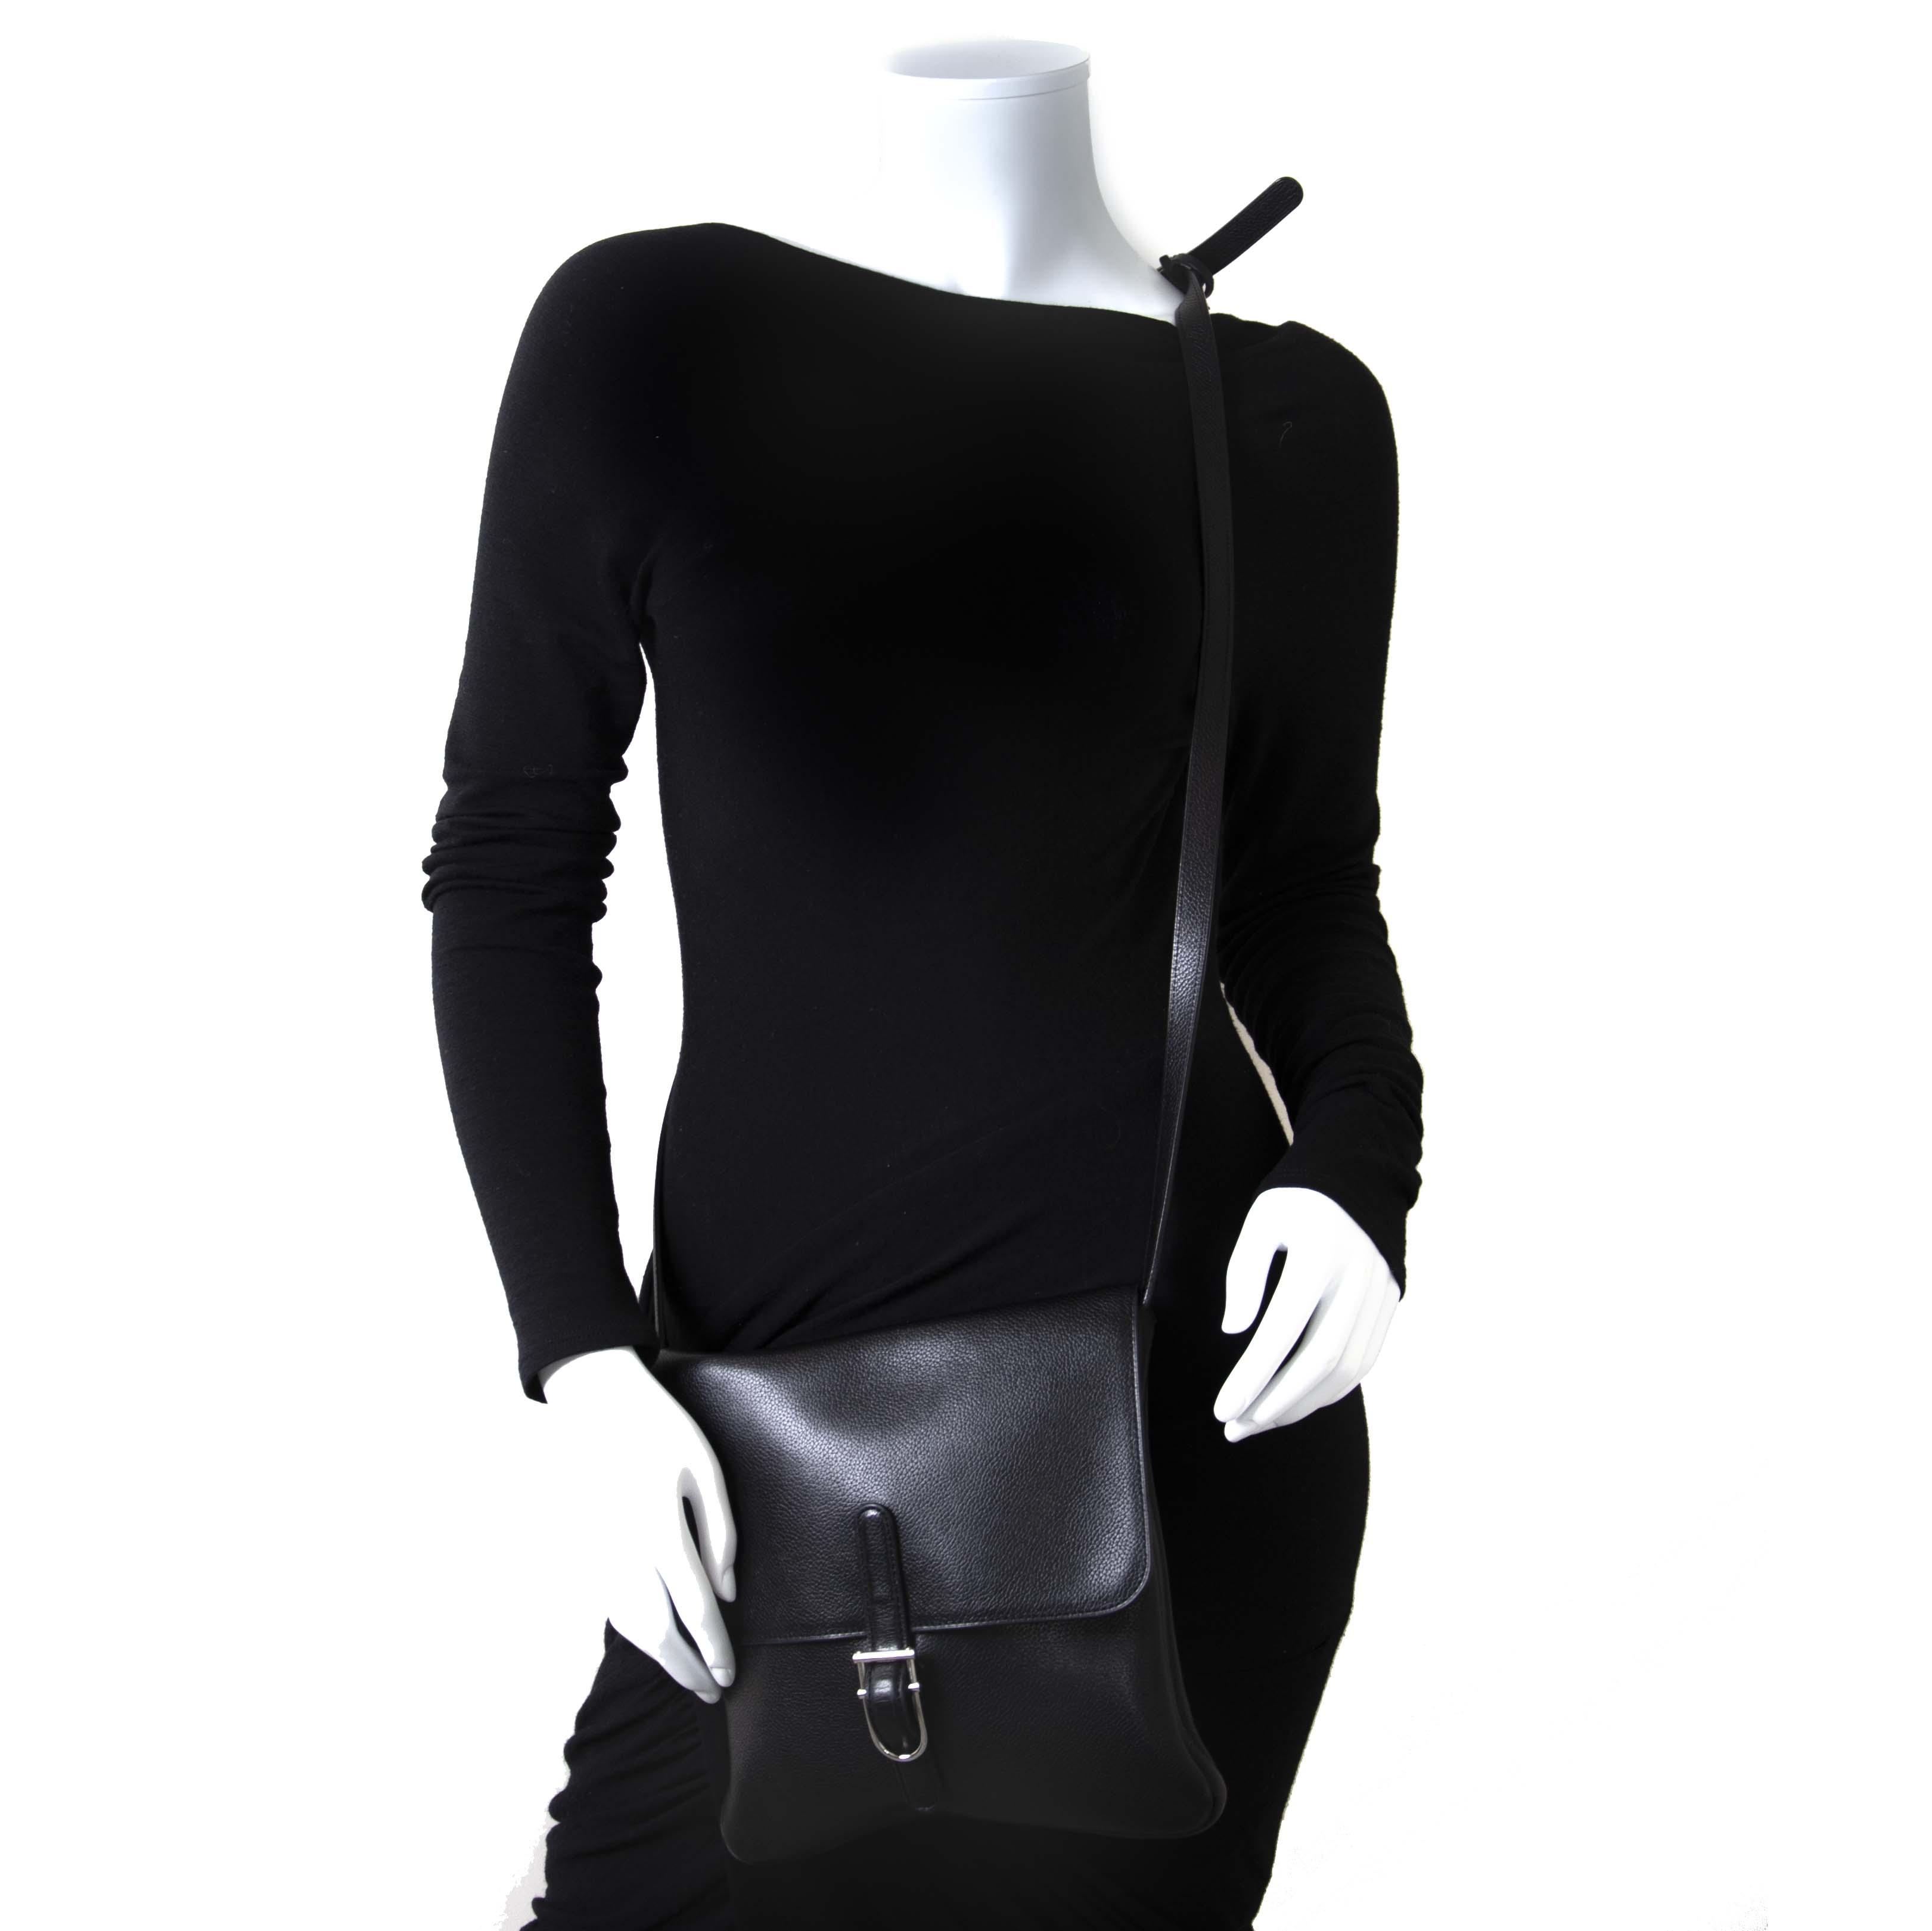 7d435b939e53 ... Delvaux Black Leather Kot Crossbody Bag now for sale at labellov  vintage fashion webshop belgium